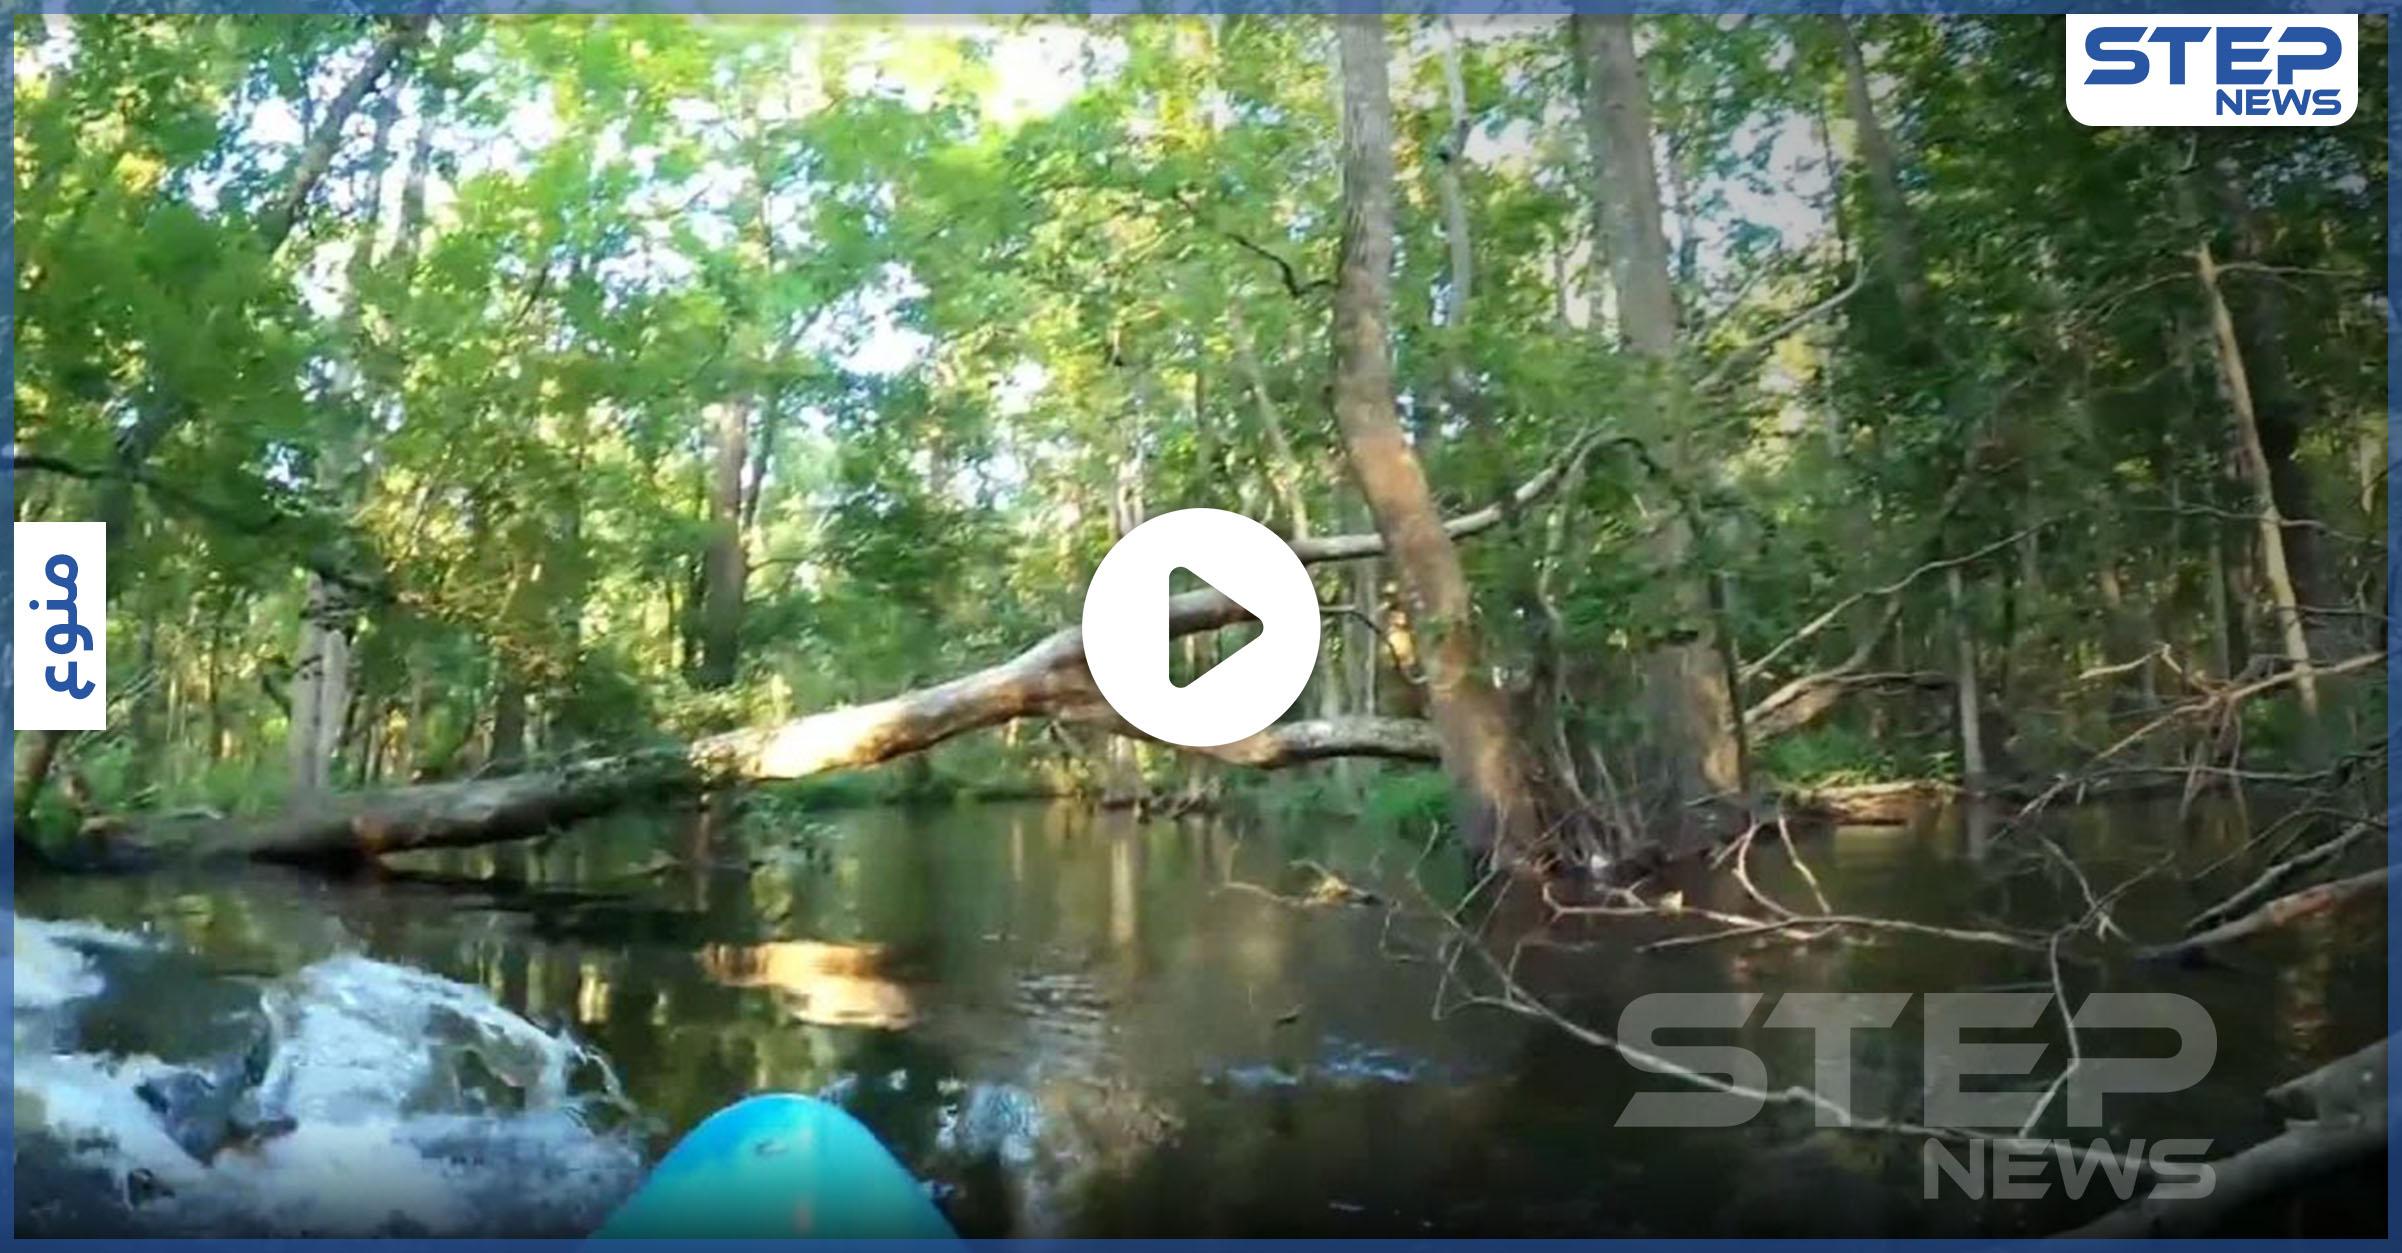 بأعجوبة ينجو رجل من فكّي تمساح هاجم قاربه